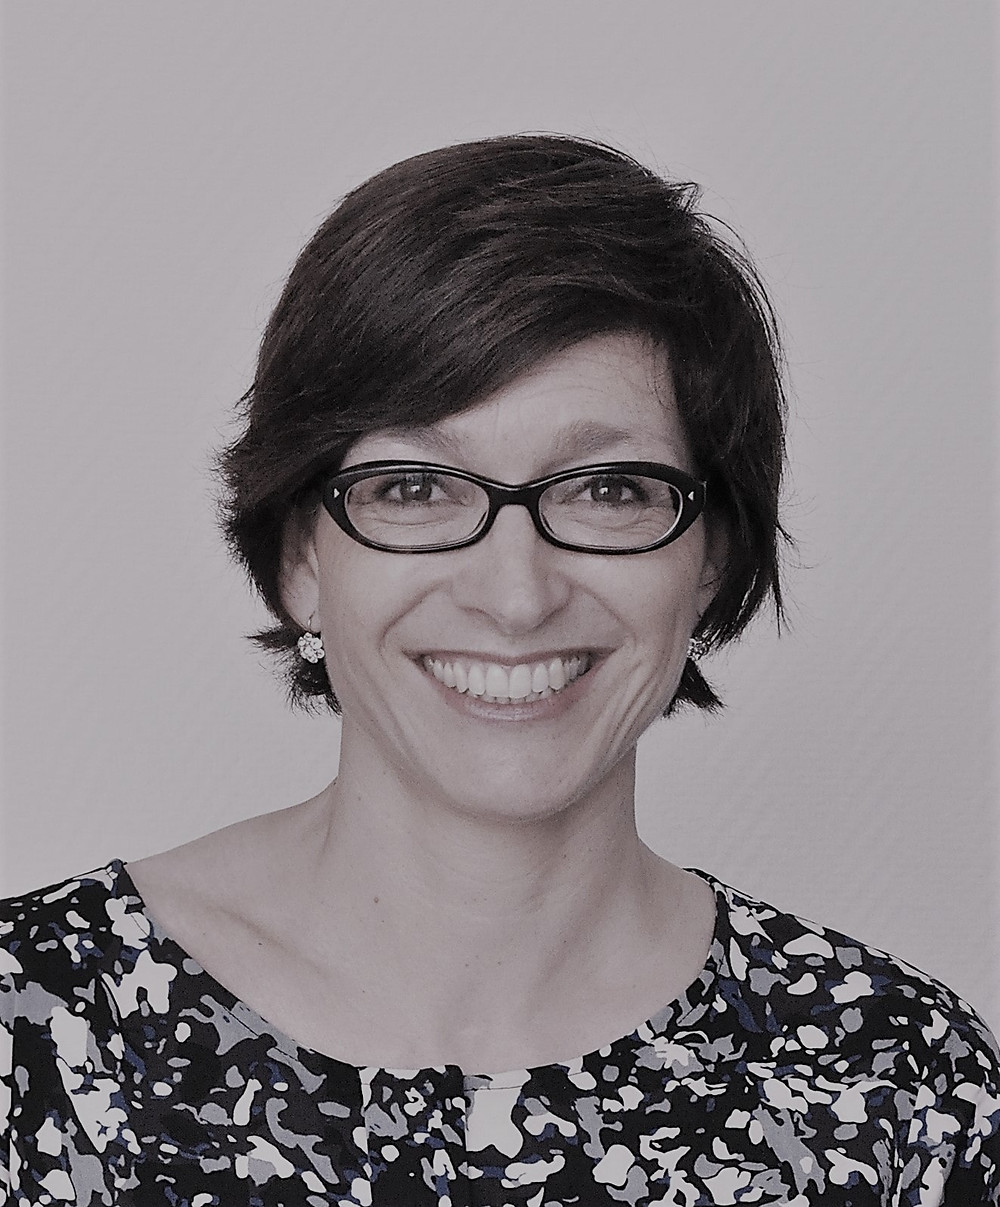 portrait of Laura Fernández Celemín